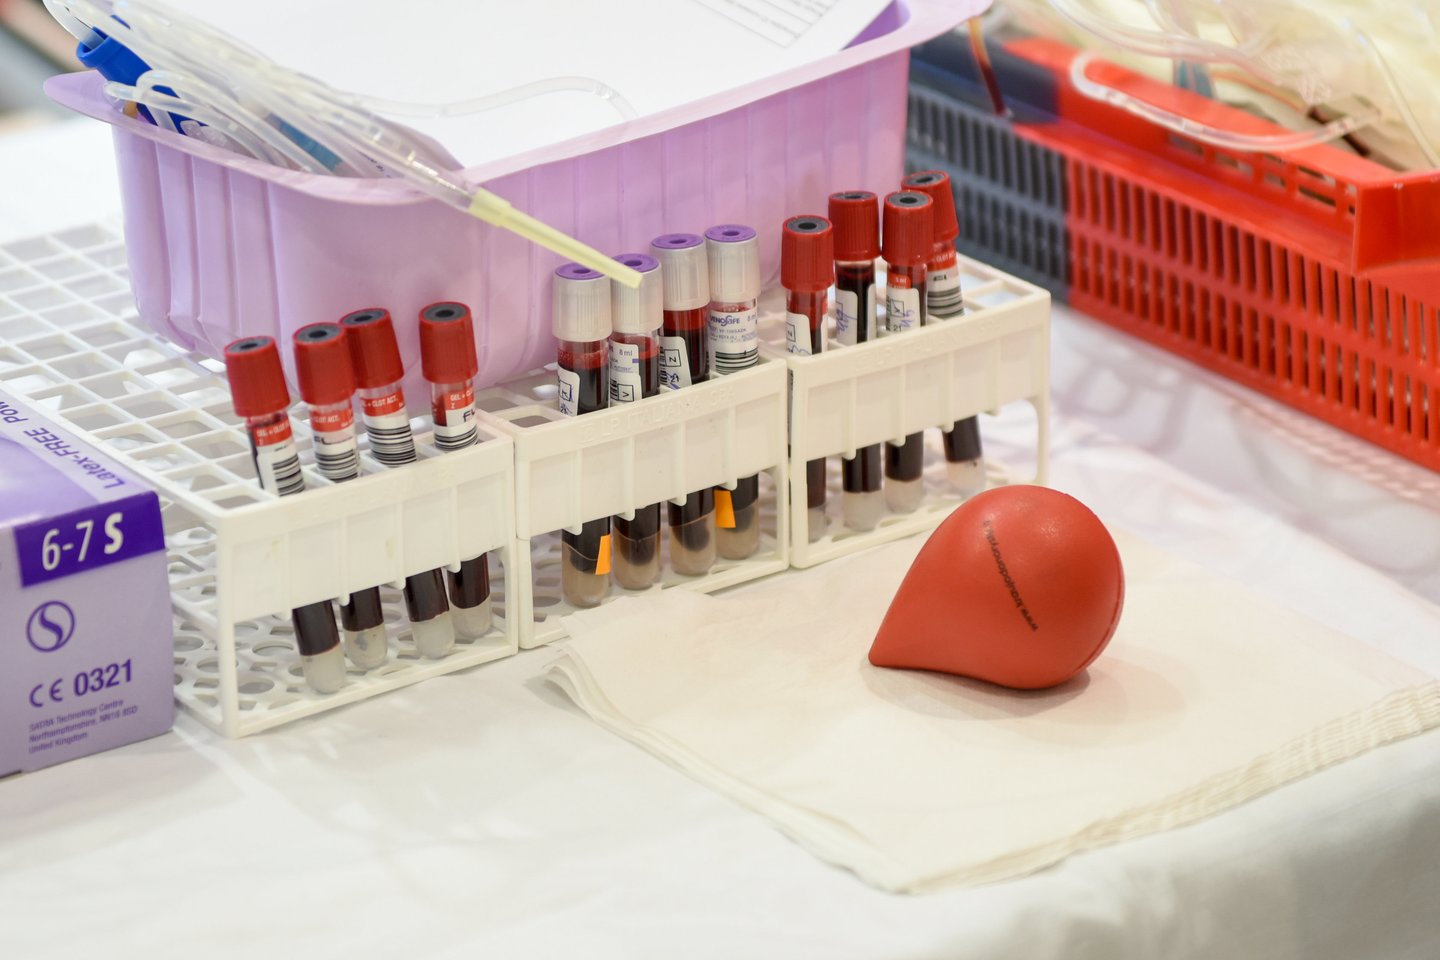 Vilniaus universiteto Santaros klinikose trūksta kraujo, prašoma atsiliepti donorų.<br>D.Umbraso nuotr.